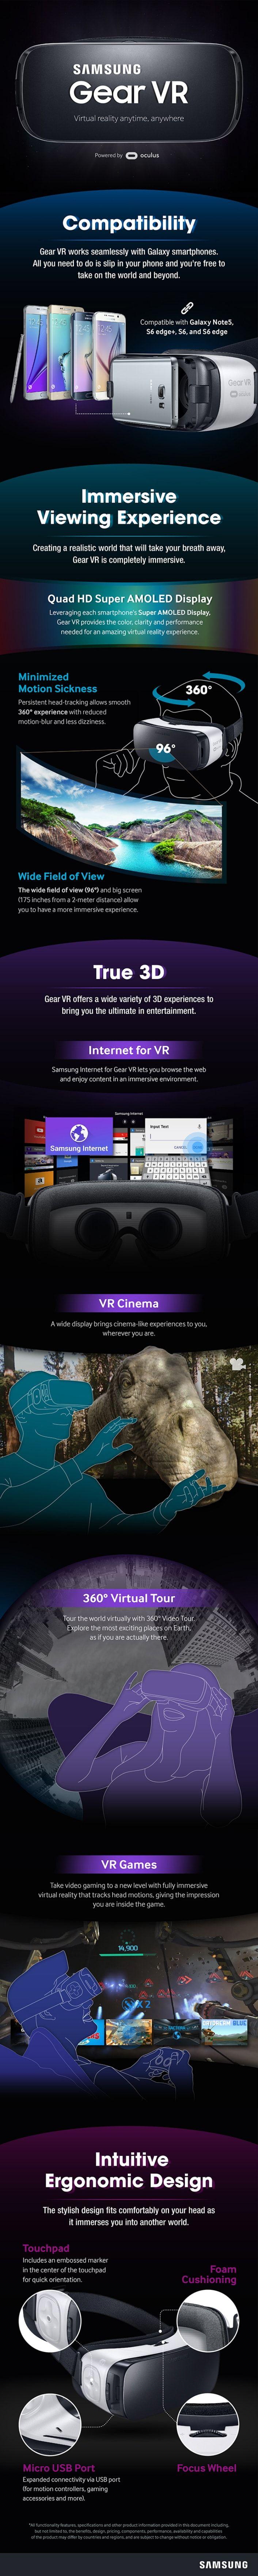 Samsung Electronics acaba de explicar visualmente a través de una infografía las características de sus gafas de realidad virtual Gear VR que fabrica con la ayuda de Oculus. En la ilustración comentan que las primeras gafas Gear VR para consumidores están diseñadas ergonómicamente para una experiencia verdaderamente inmersivaycinematográfica.  Samsung también indica que las Gear VR son compatibles con los SmartphonesGalaxy Note5, the Galaxy S6 edge+, the Galaxy S6 yGalaxy S6 edge, a…